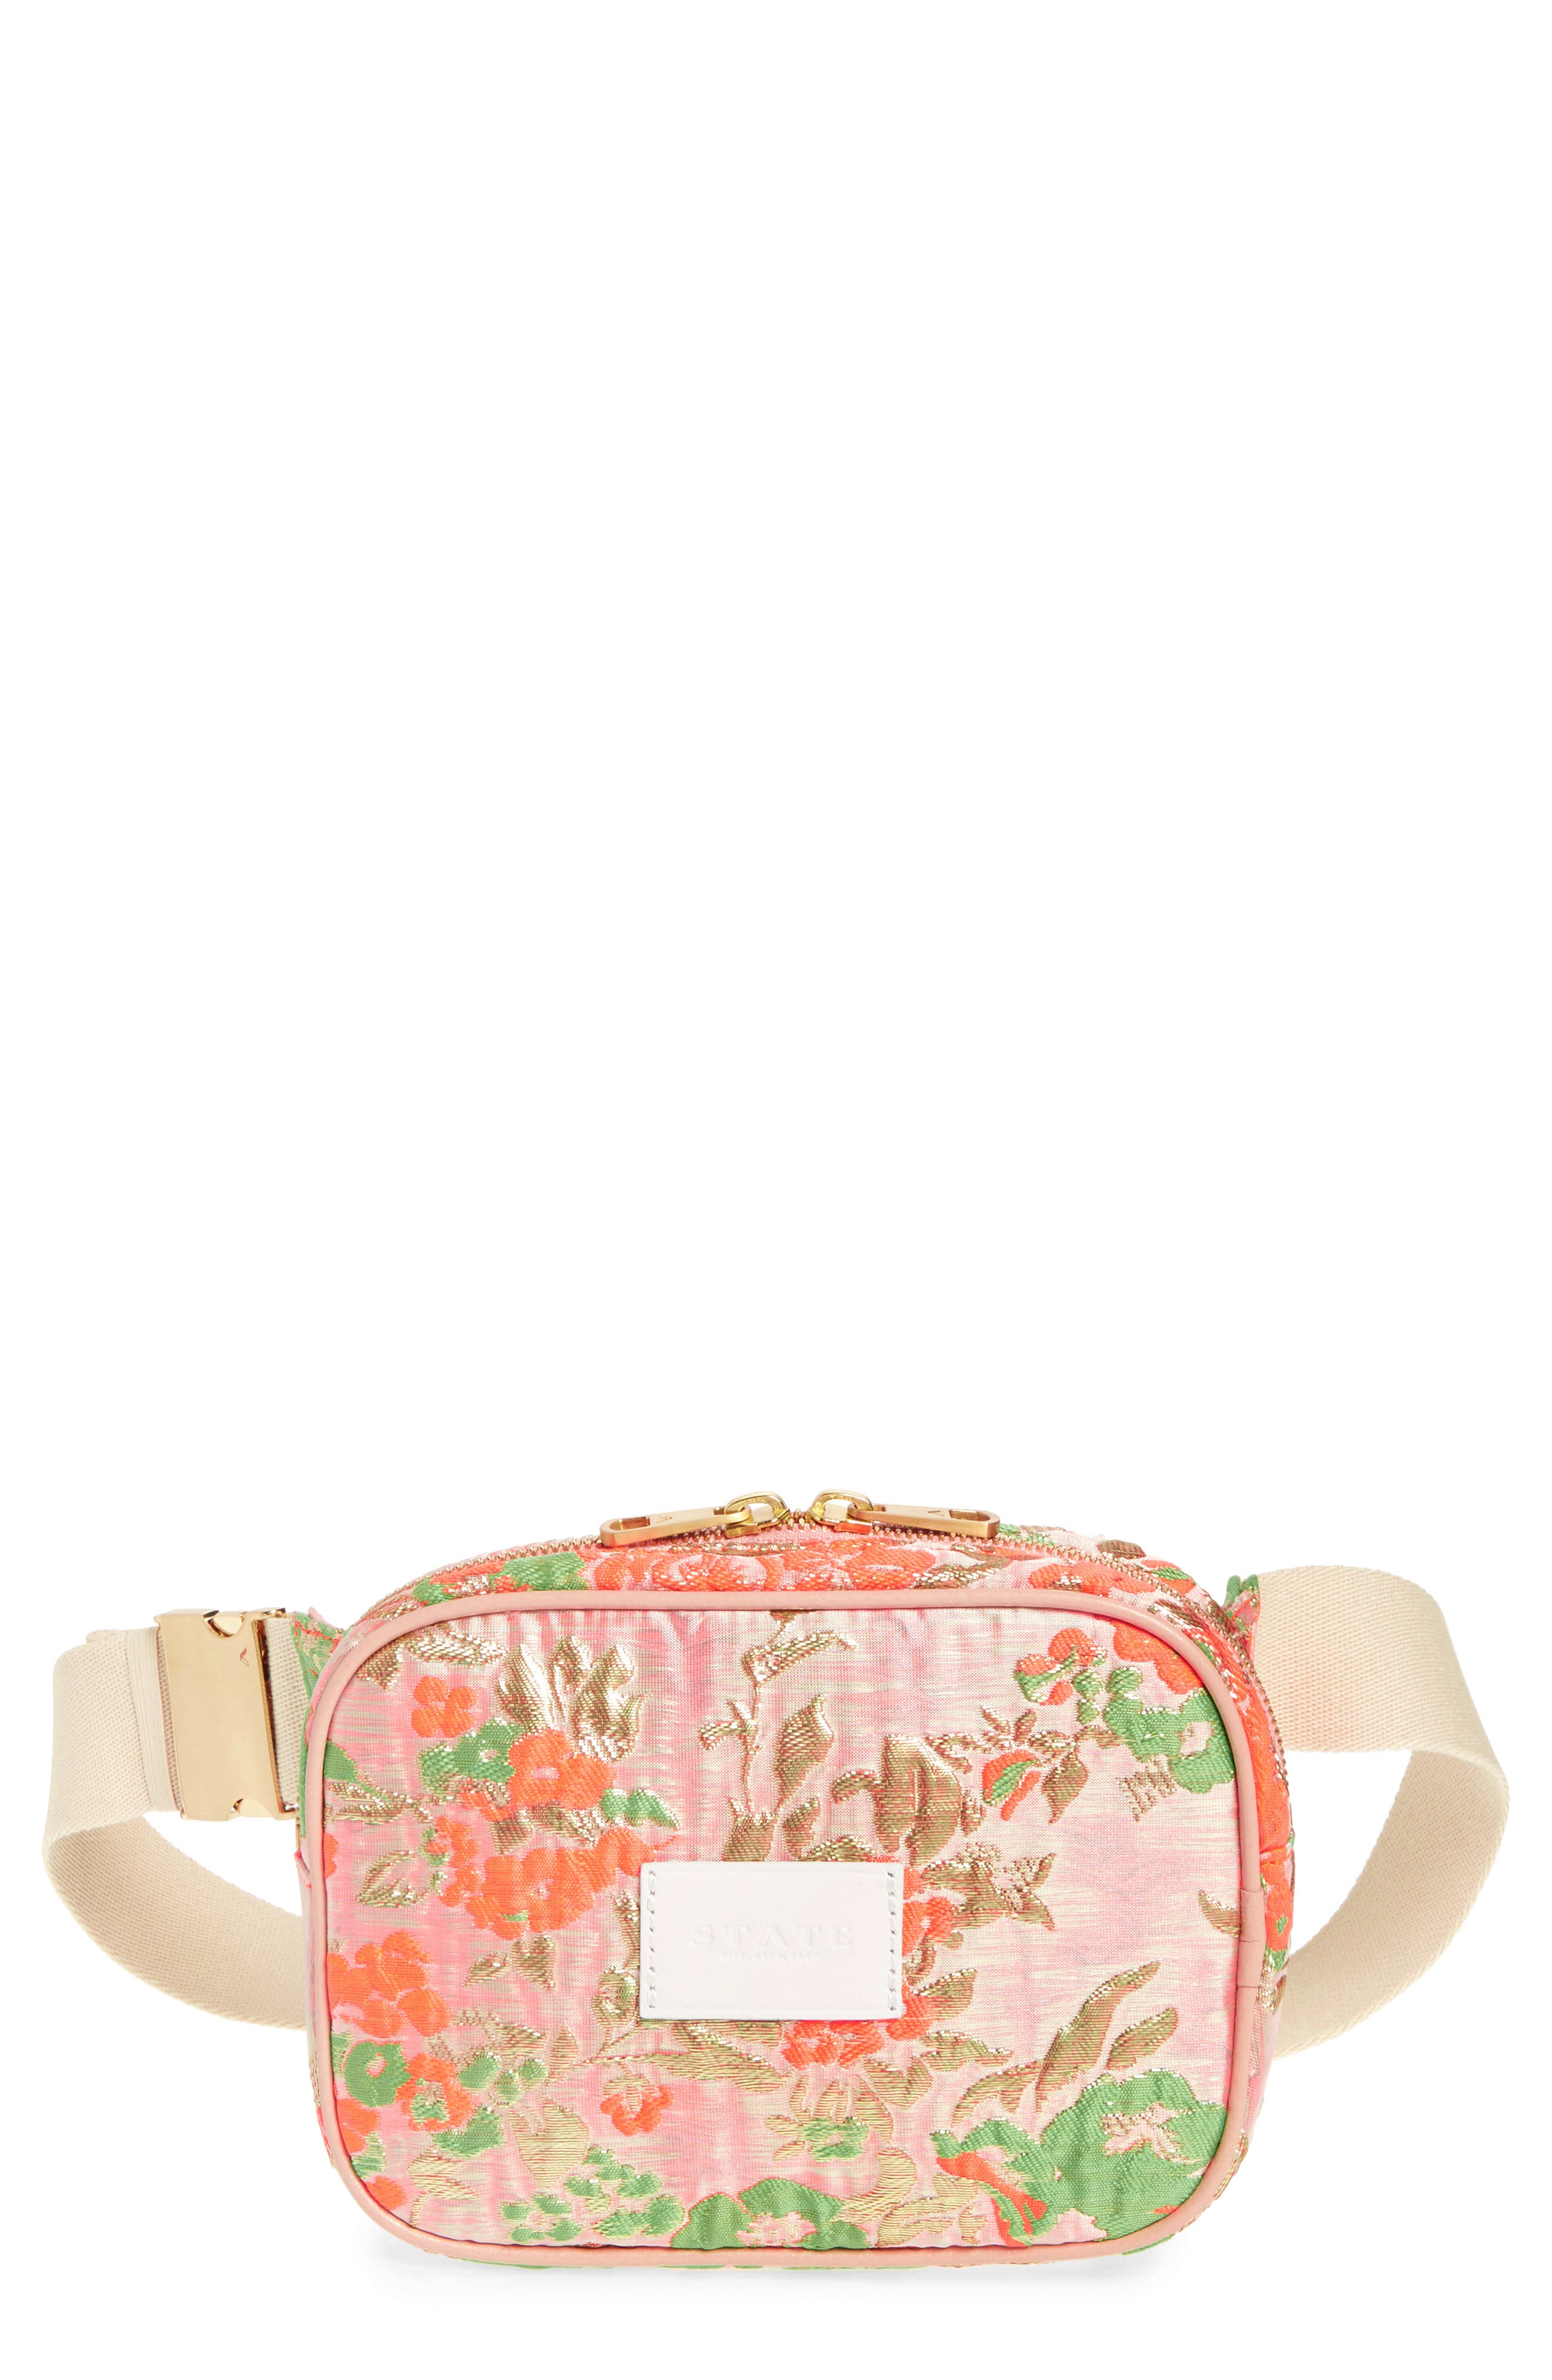 STATE Bags Crosby Brocade Belt Bag